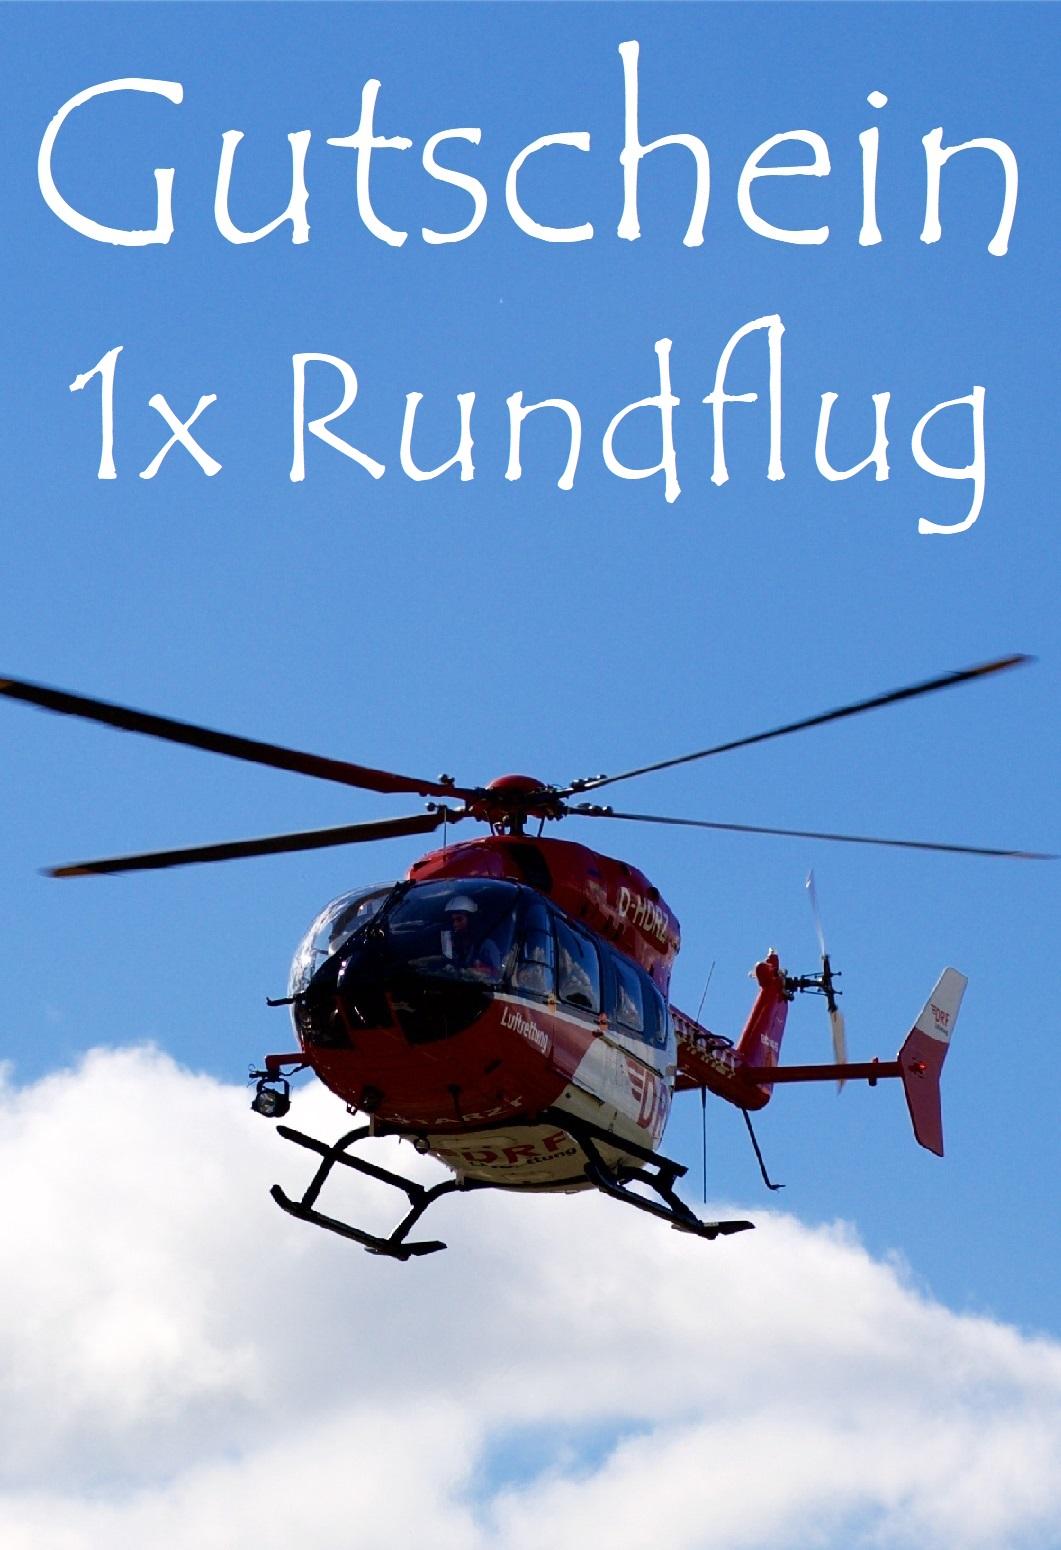 Rundflug geschenk gedicht 50. Geburtstag: